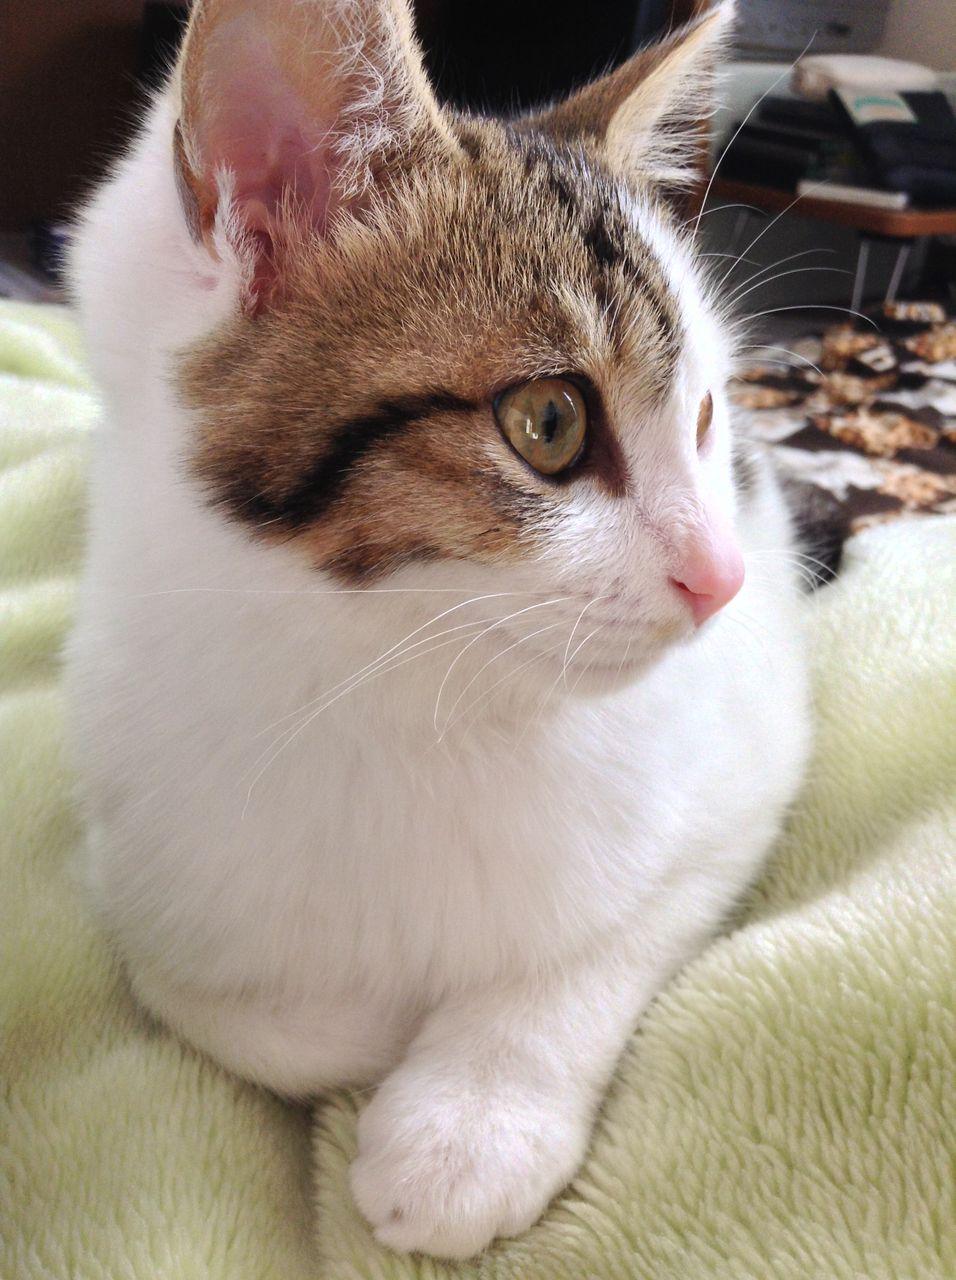 な つく 野良猫 野良猫って普段どんな生活をしてる?オスとメスでは行動パターンが変わるの?